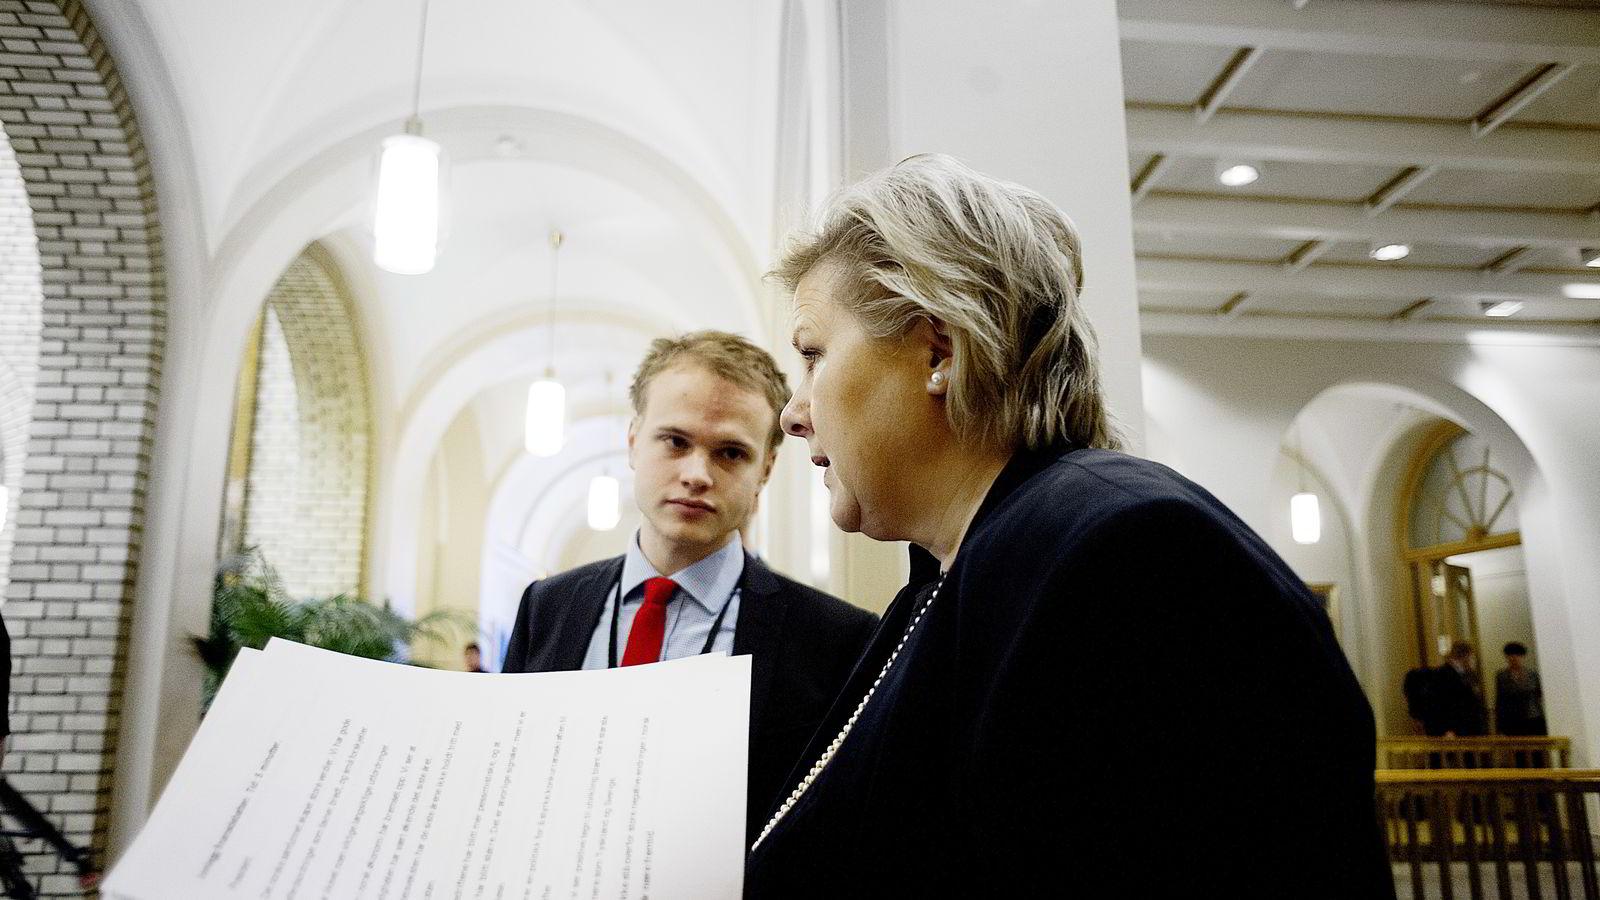 NYE UTFORDINGER. Rolf Erik Tveten har vært en av statsminister Erna Solbergs nærmeste medarbeidere, men nå venter nye oppgaver for 27-åringen. Arkivbilde tatt i 2013. FOTO: Mikaela Berg